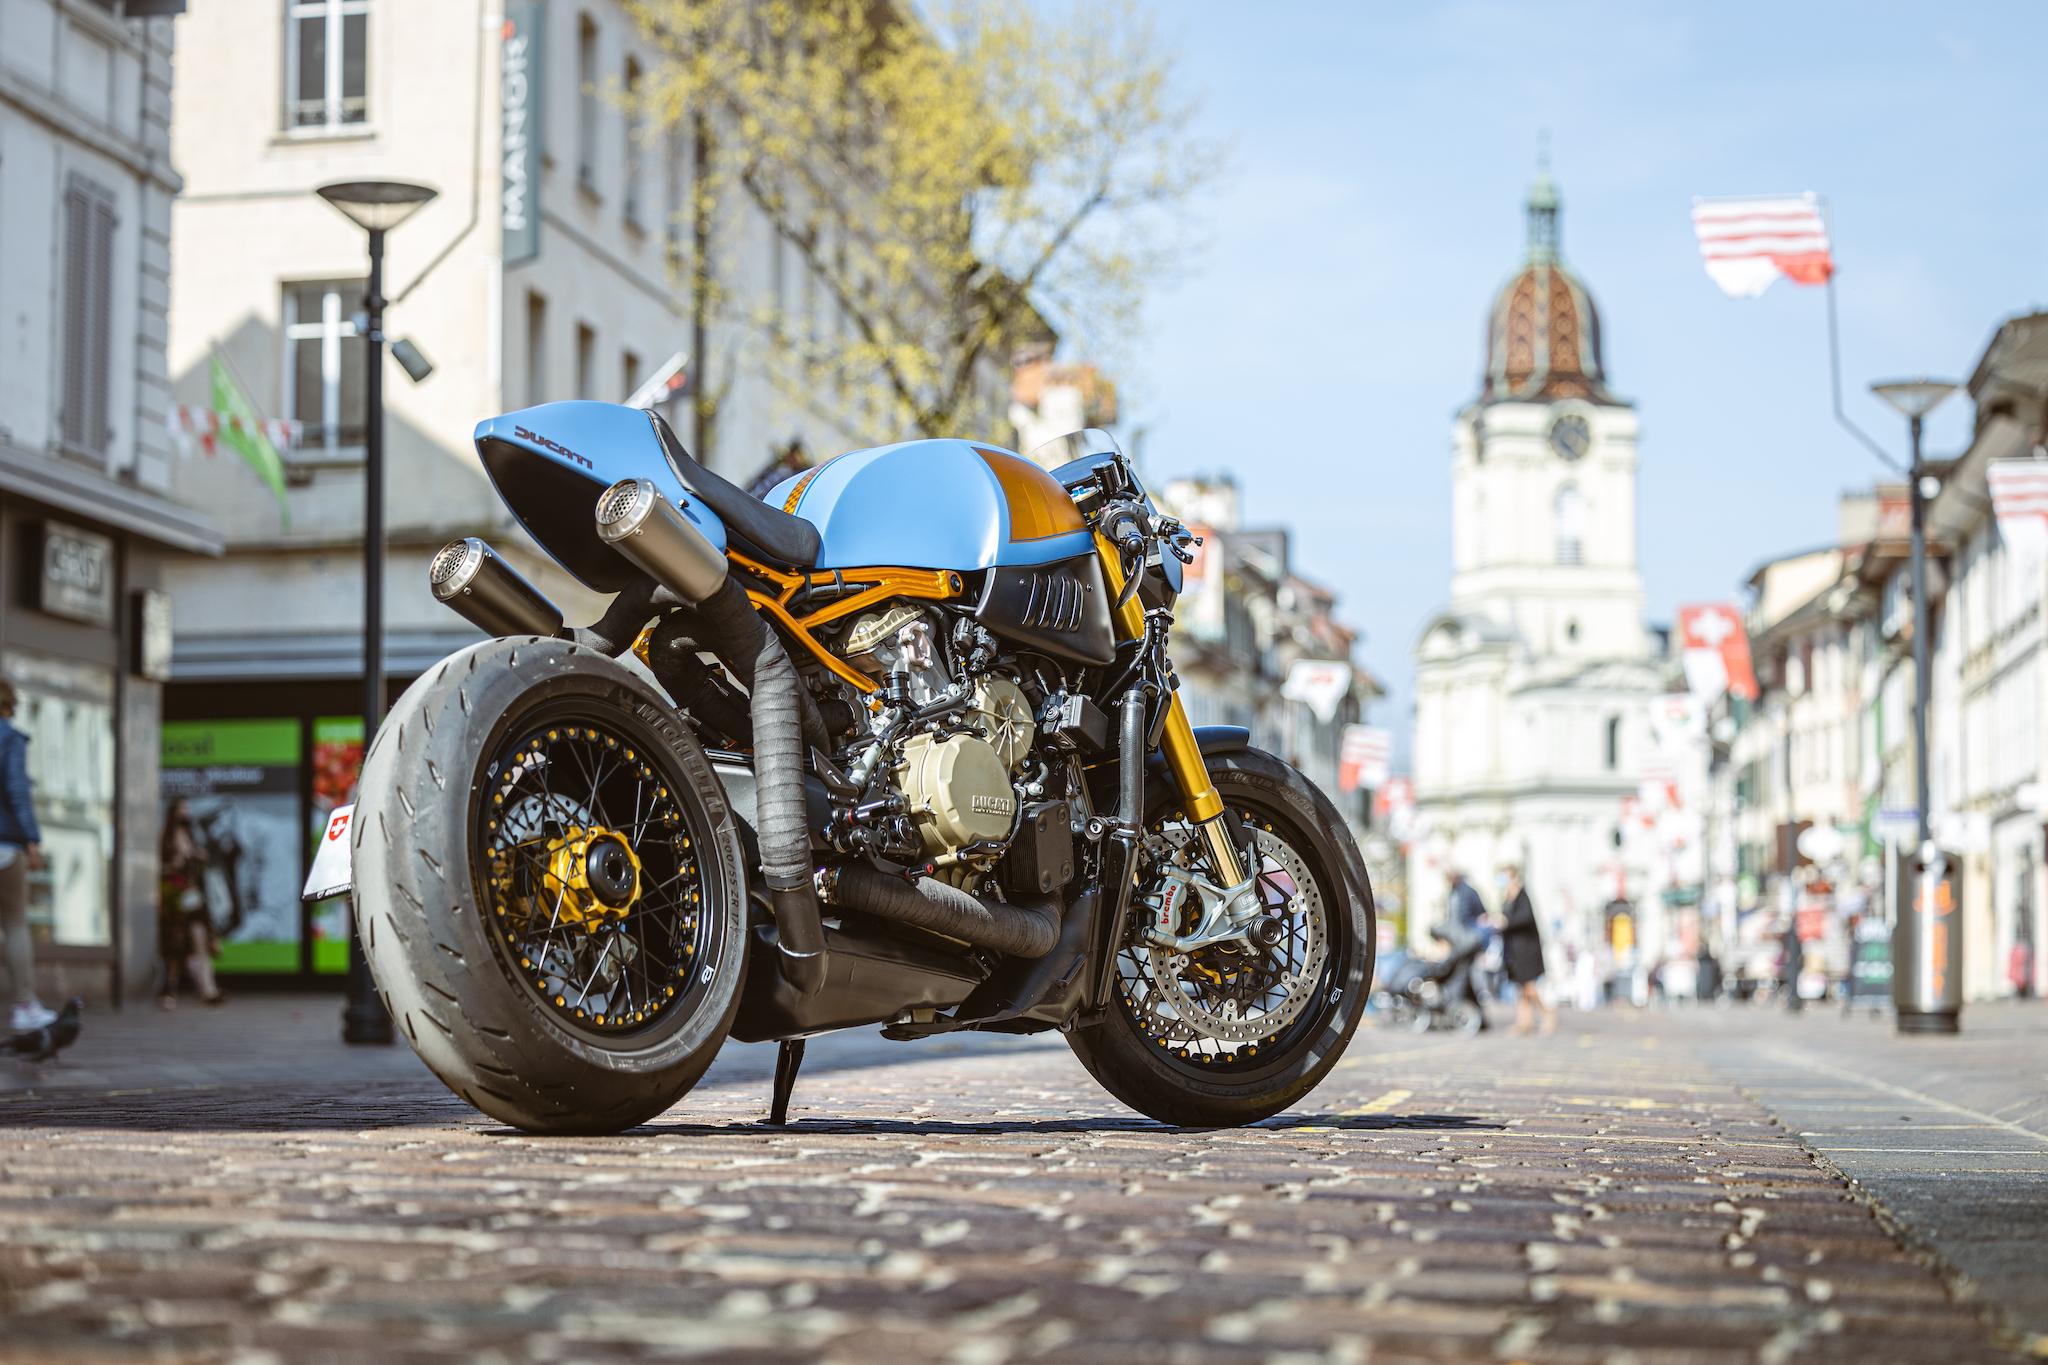 Ducati_Panigale_naked_dream-motos_Madpik-small32